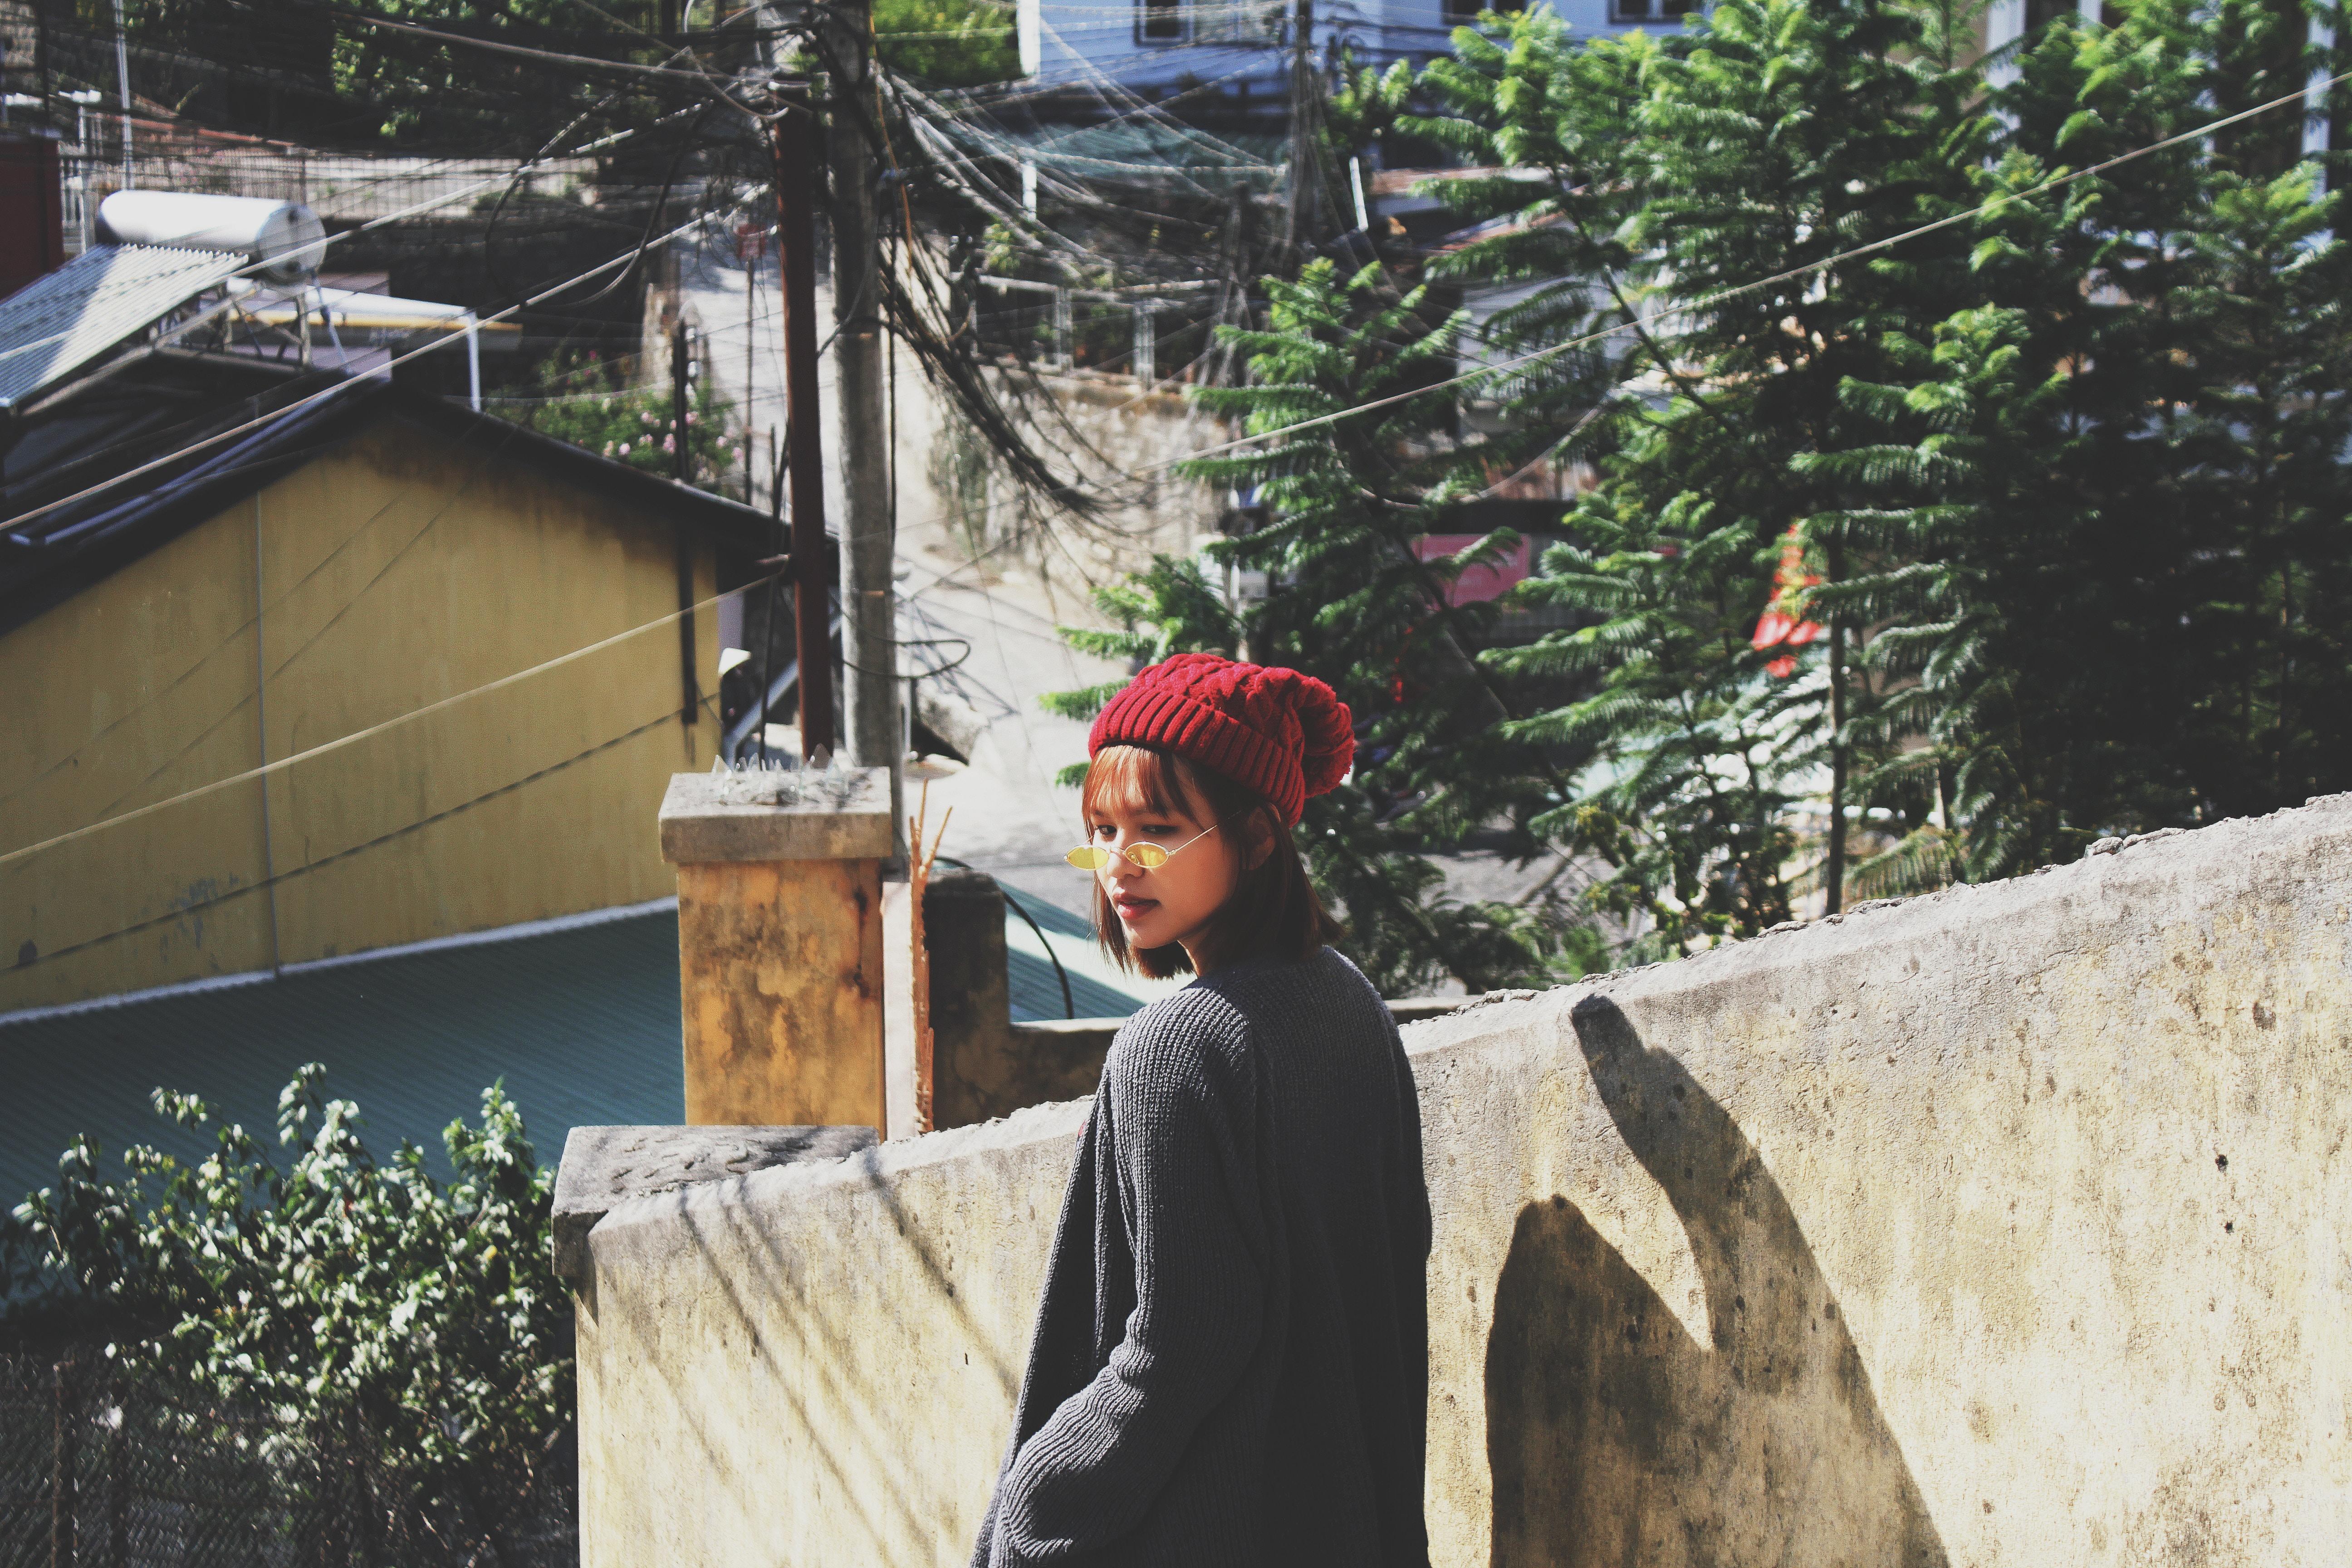 woman wearing maroon knit cap